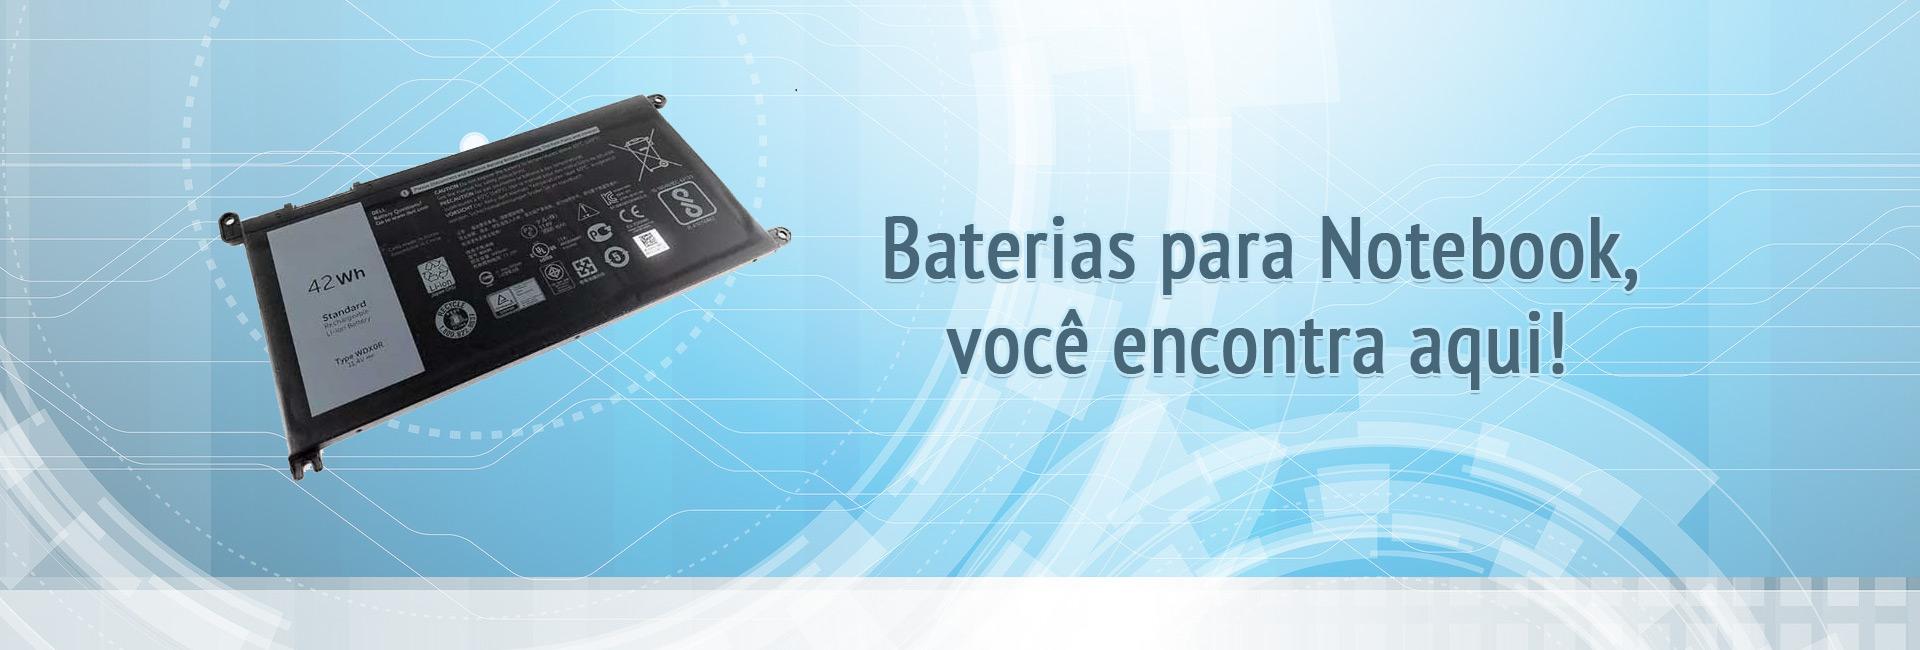 Baterias para notebooks